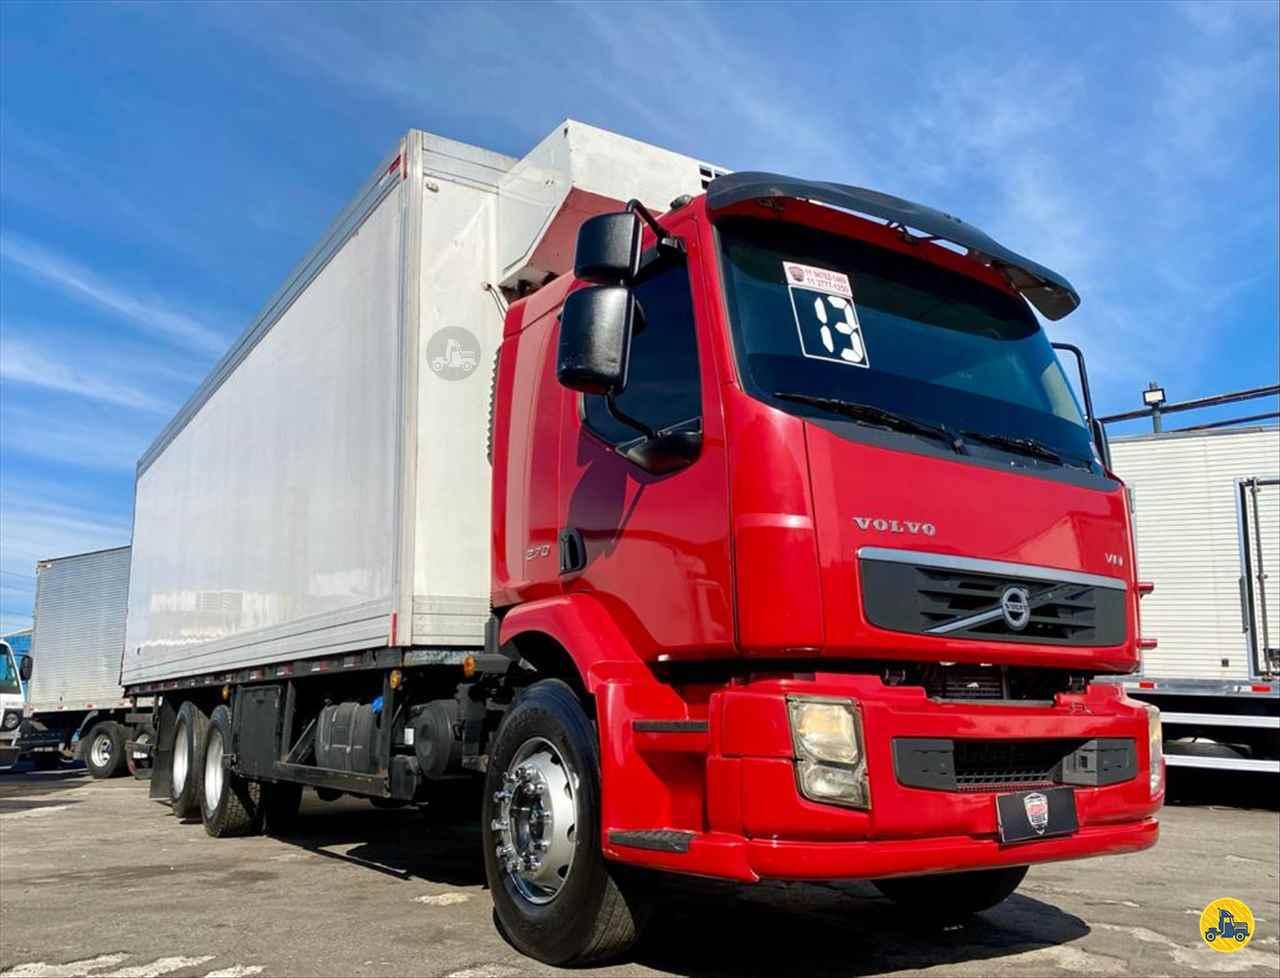 CAMINHAO VOLVO VOLVO VM 270 Baú Frigorífico Truck 6x2 Authentic Trucks SAO PAULO SÃO PAULO SP